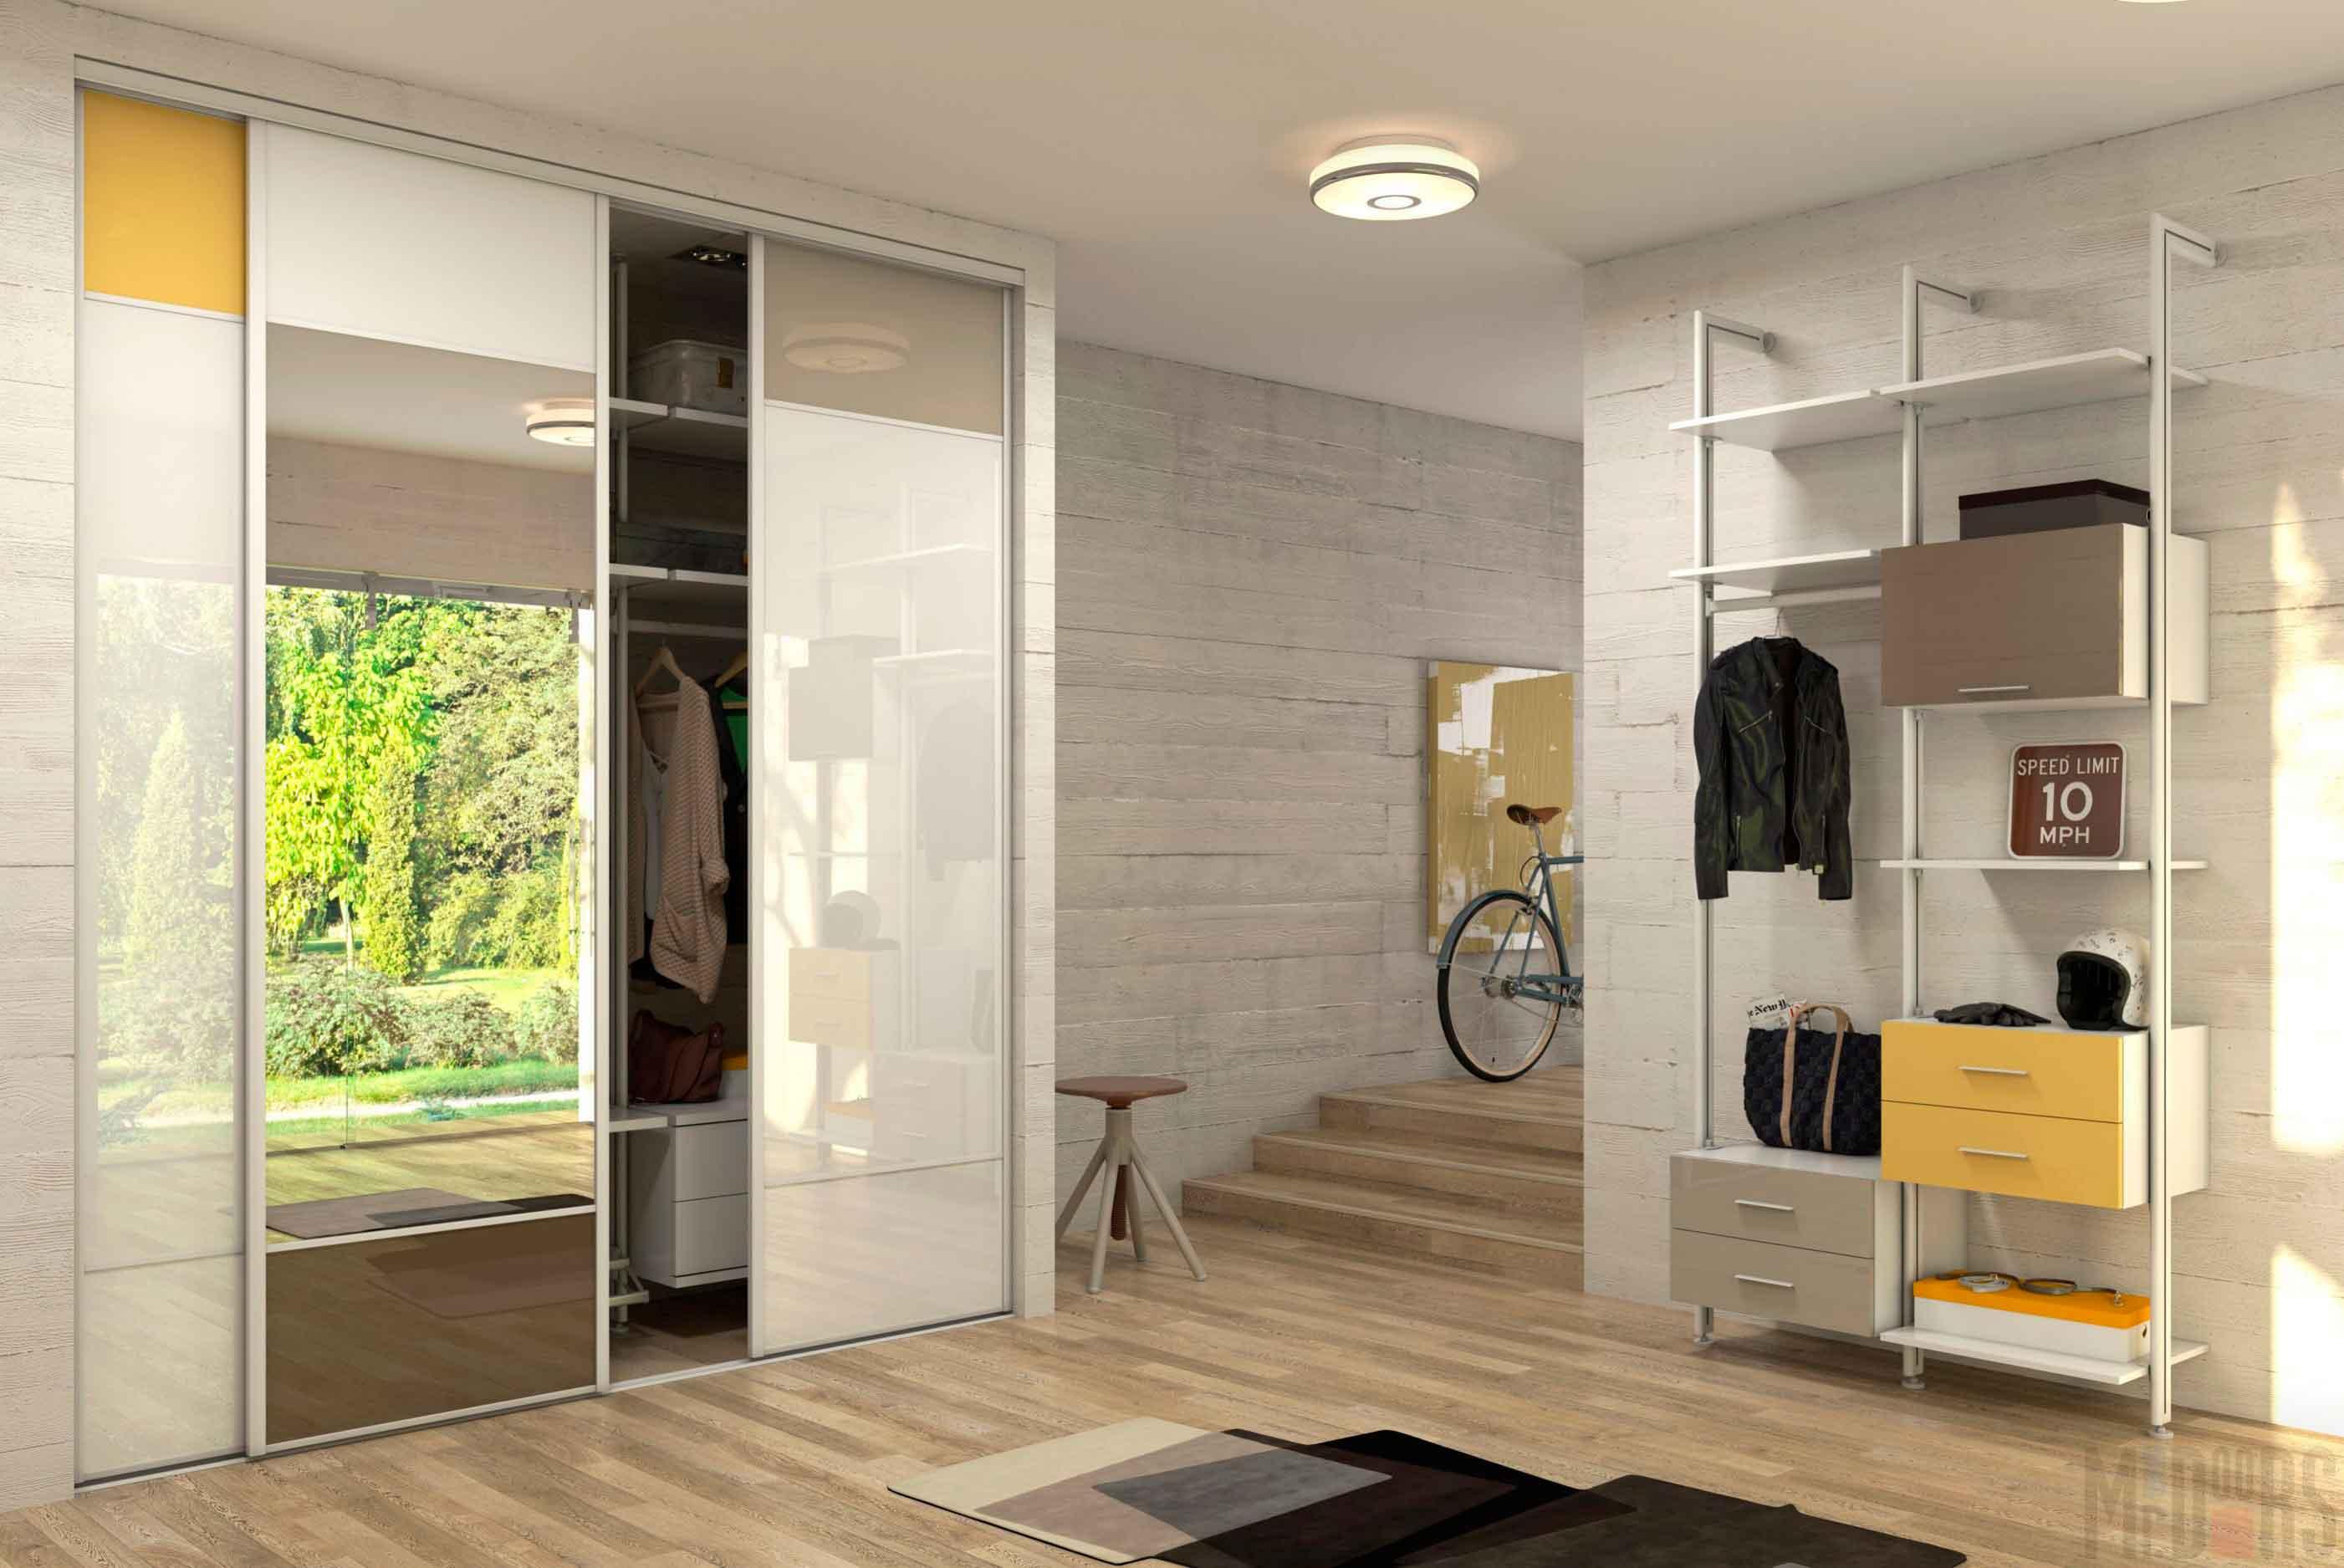 Chambre spacieuse avec de belles finitions